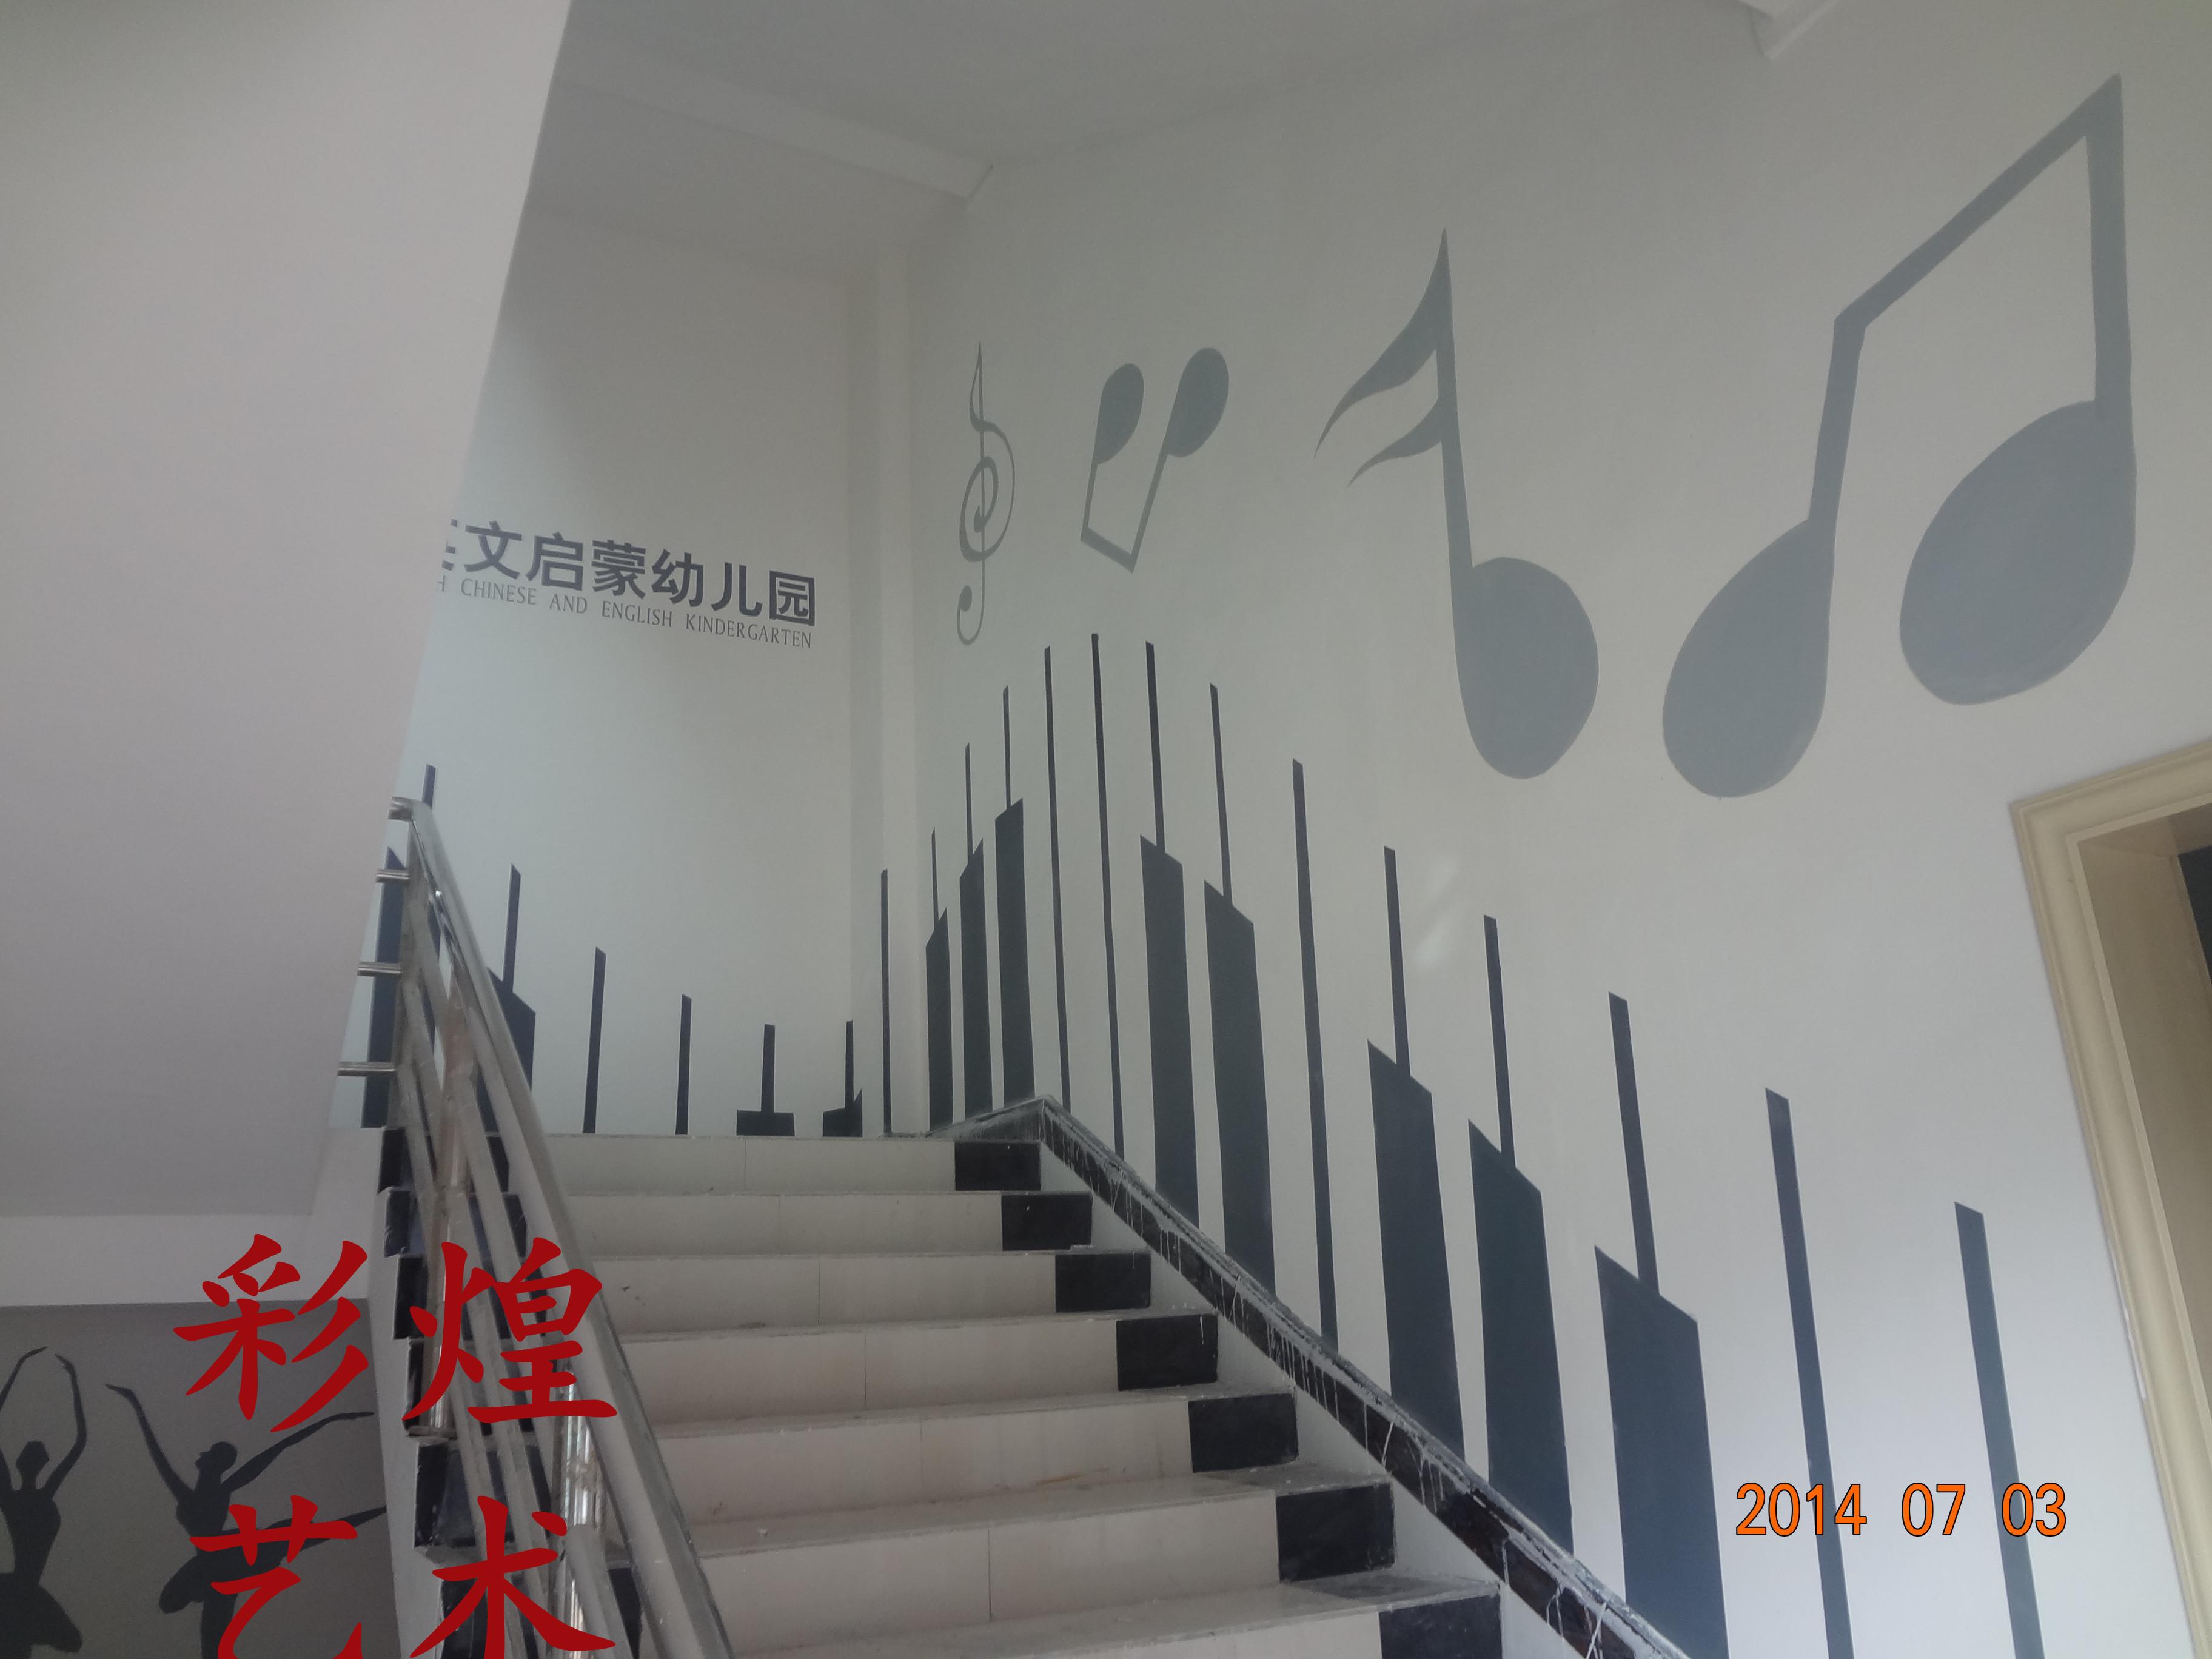 贵阳幼儿园手绘墙画卡通漫画墙体彩绘设计制作现场